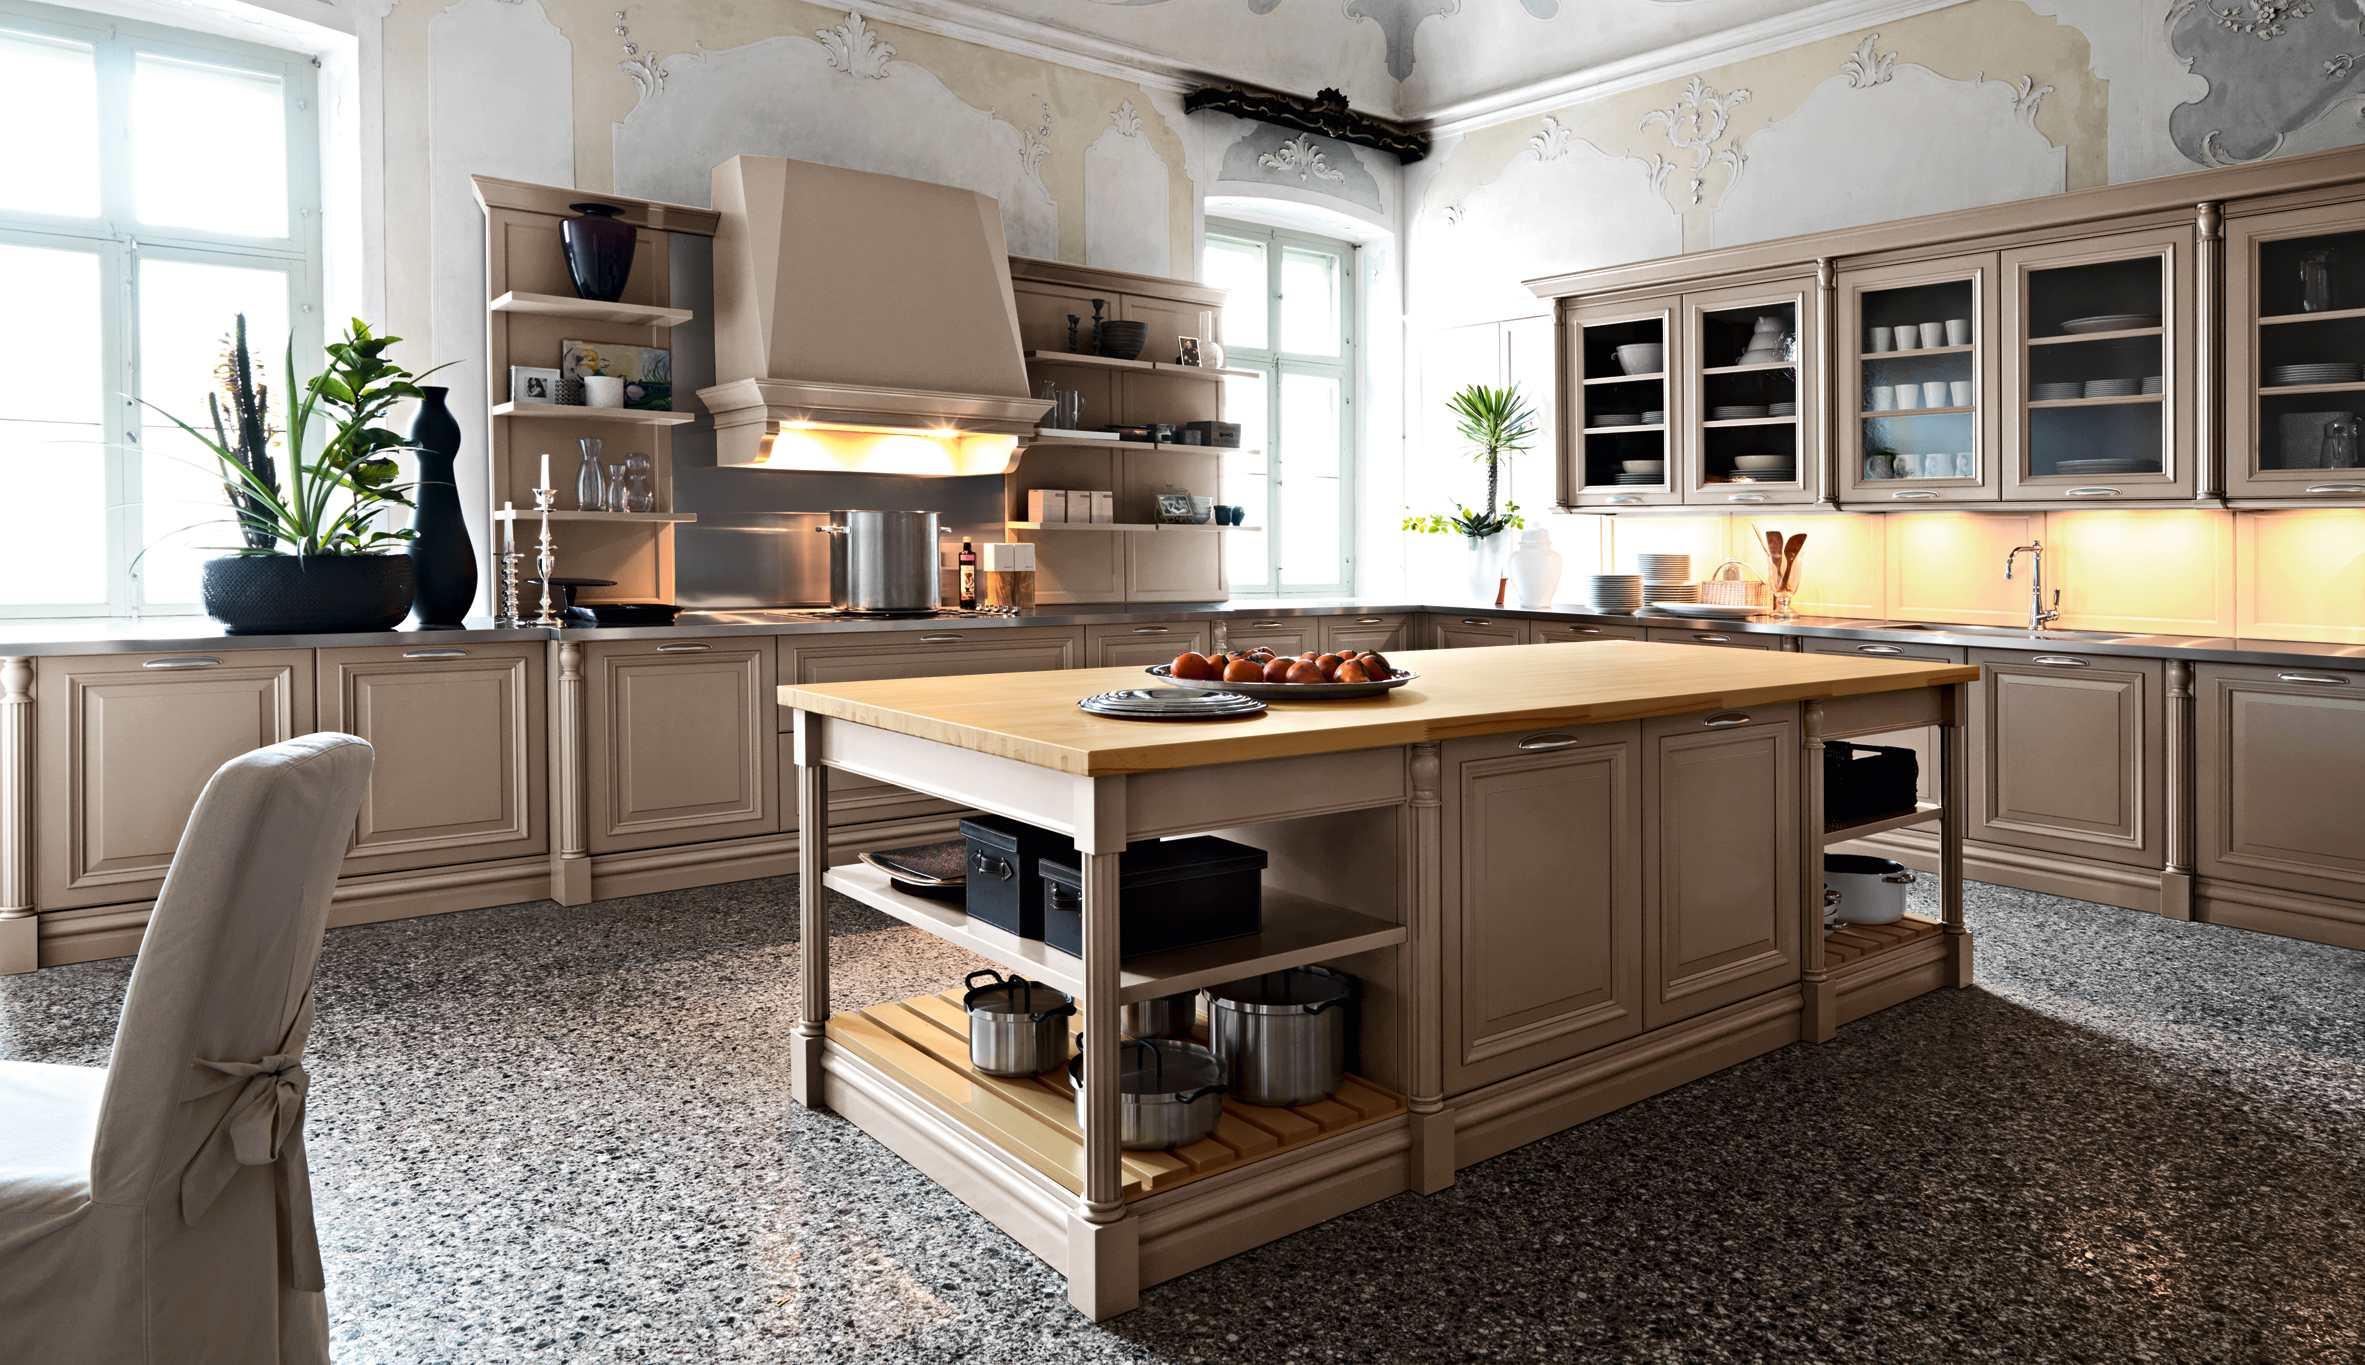 آشپزخانه ال شکل بزرگ با کابینت روشن مشرف به فضای سالن